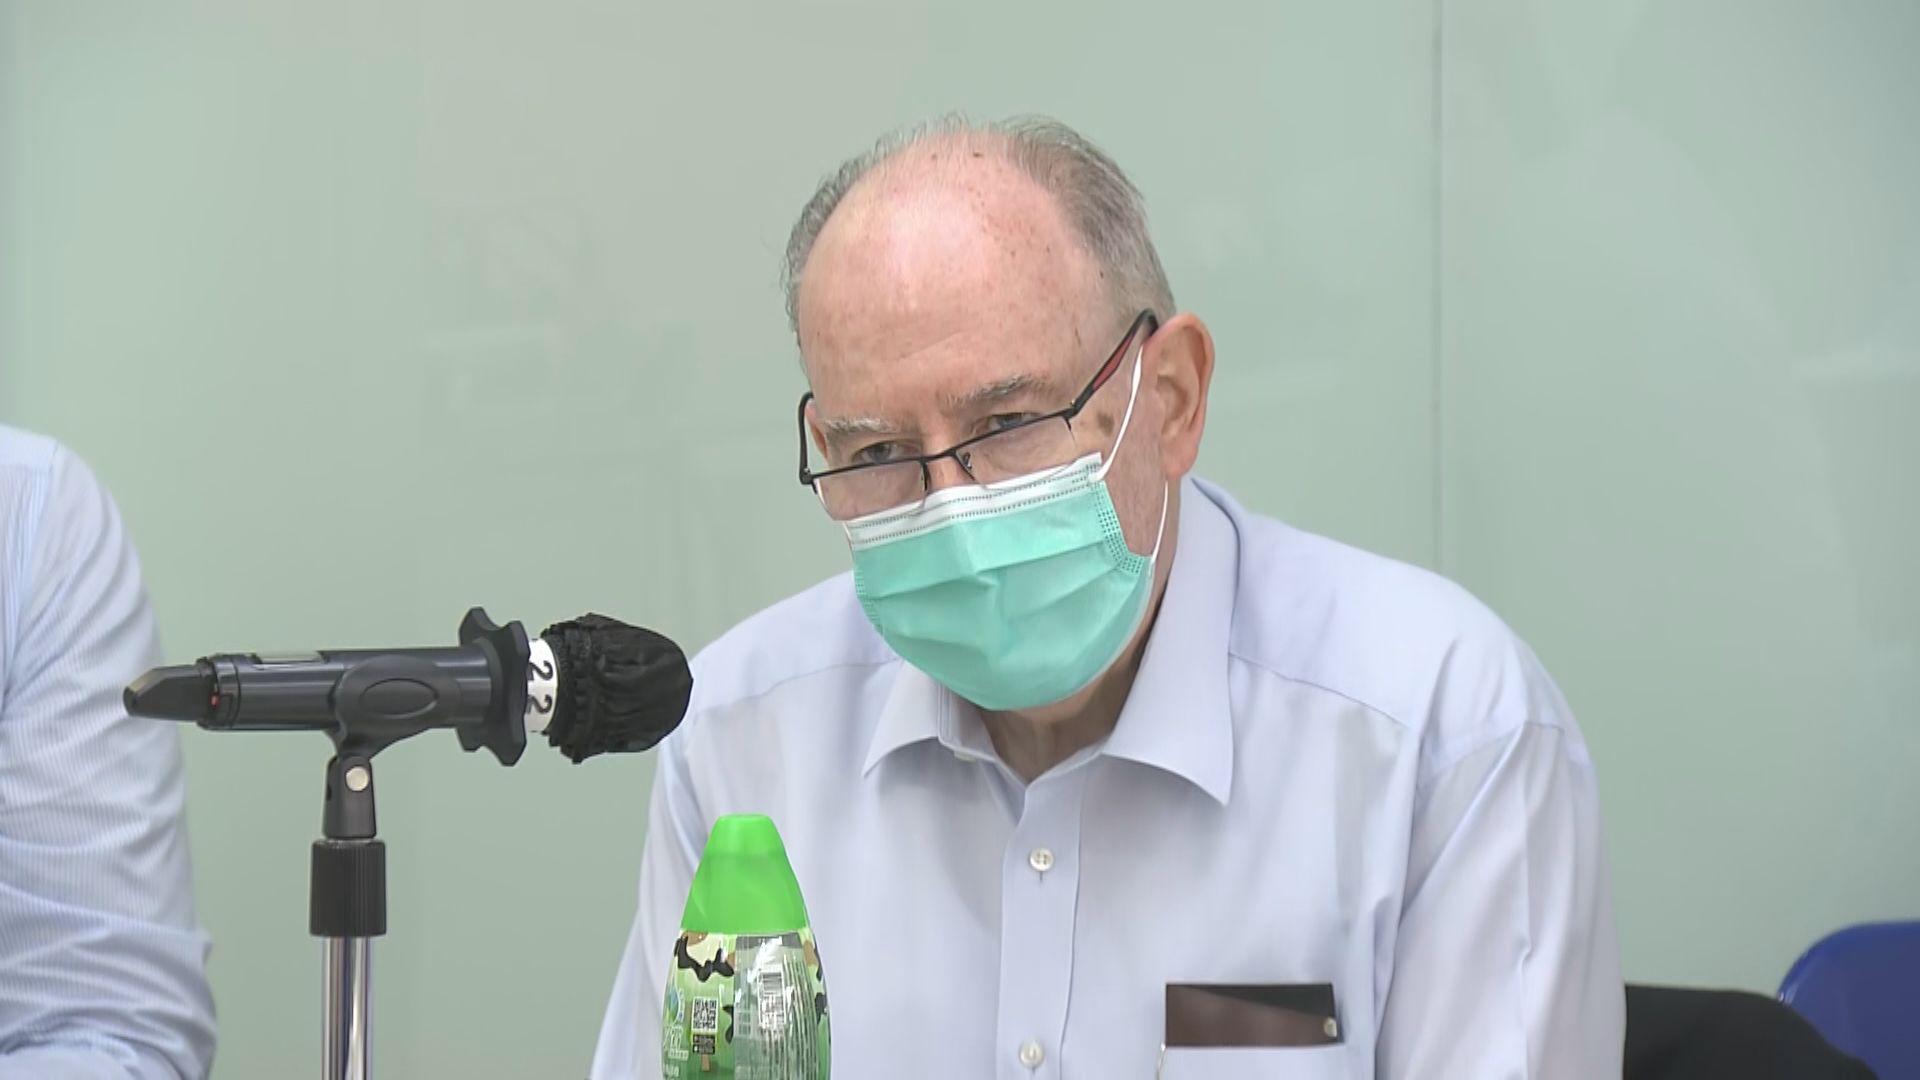 李定國:若當年廿三條通過 香港未必出現現時問題